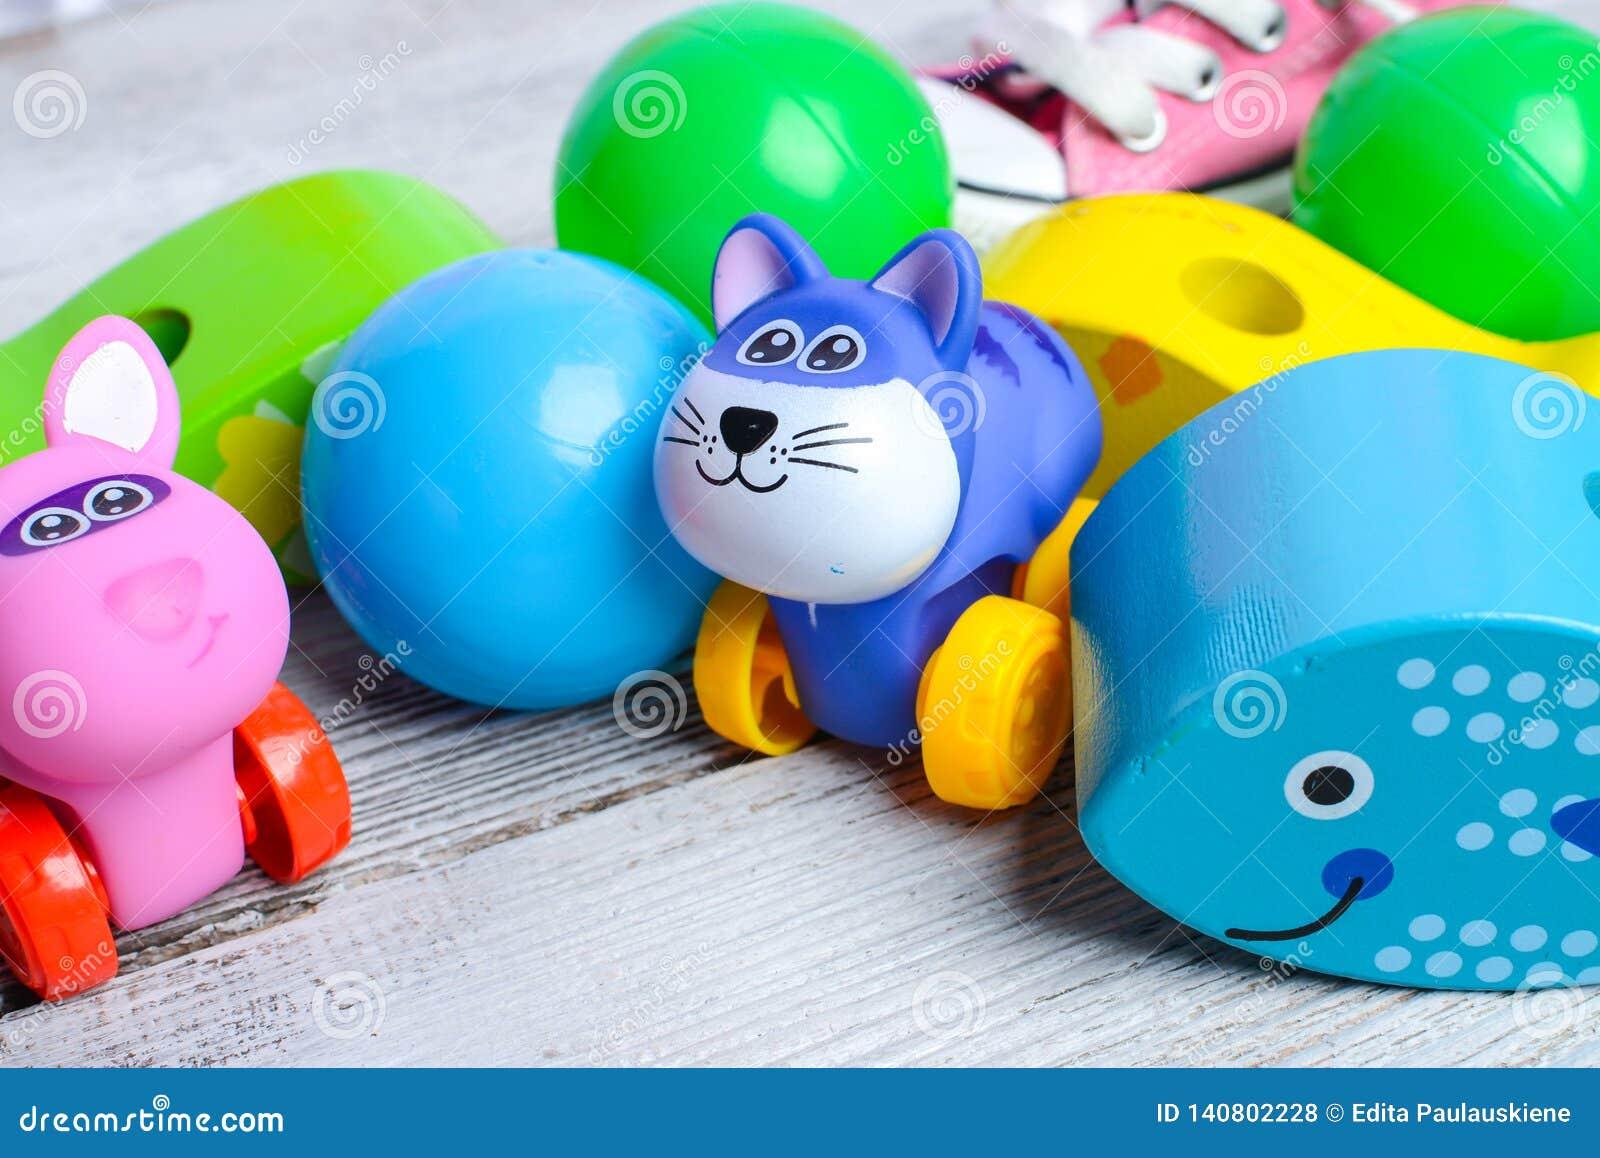 Juguetes coloridos del bebé y pequeñas bolas plásticas